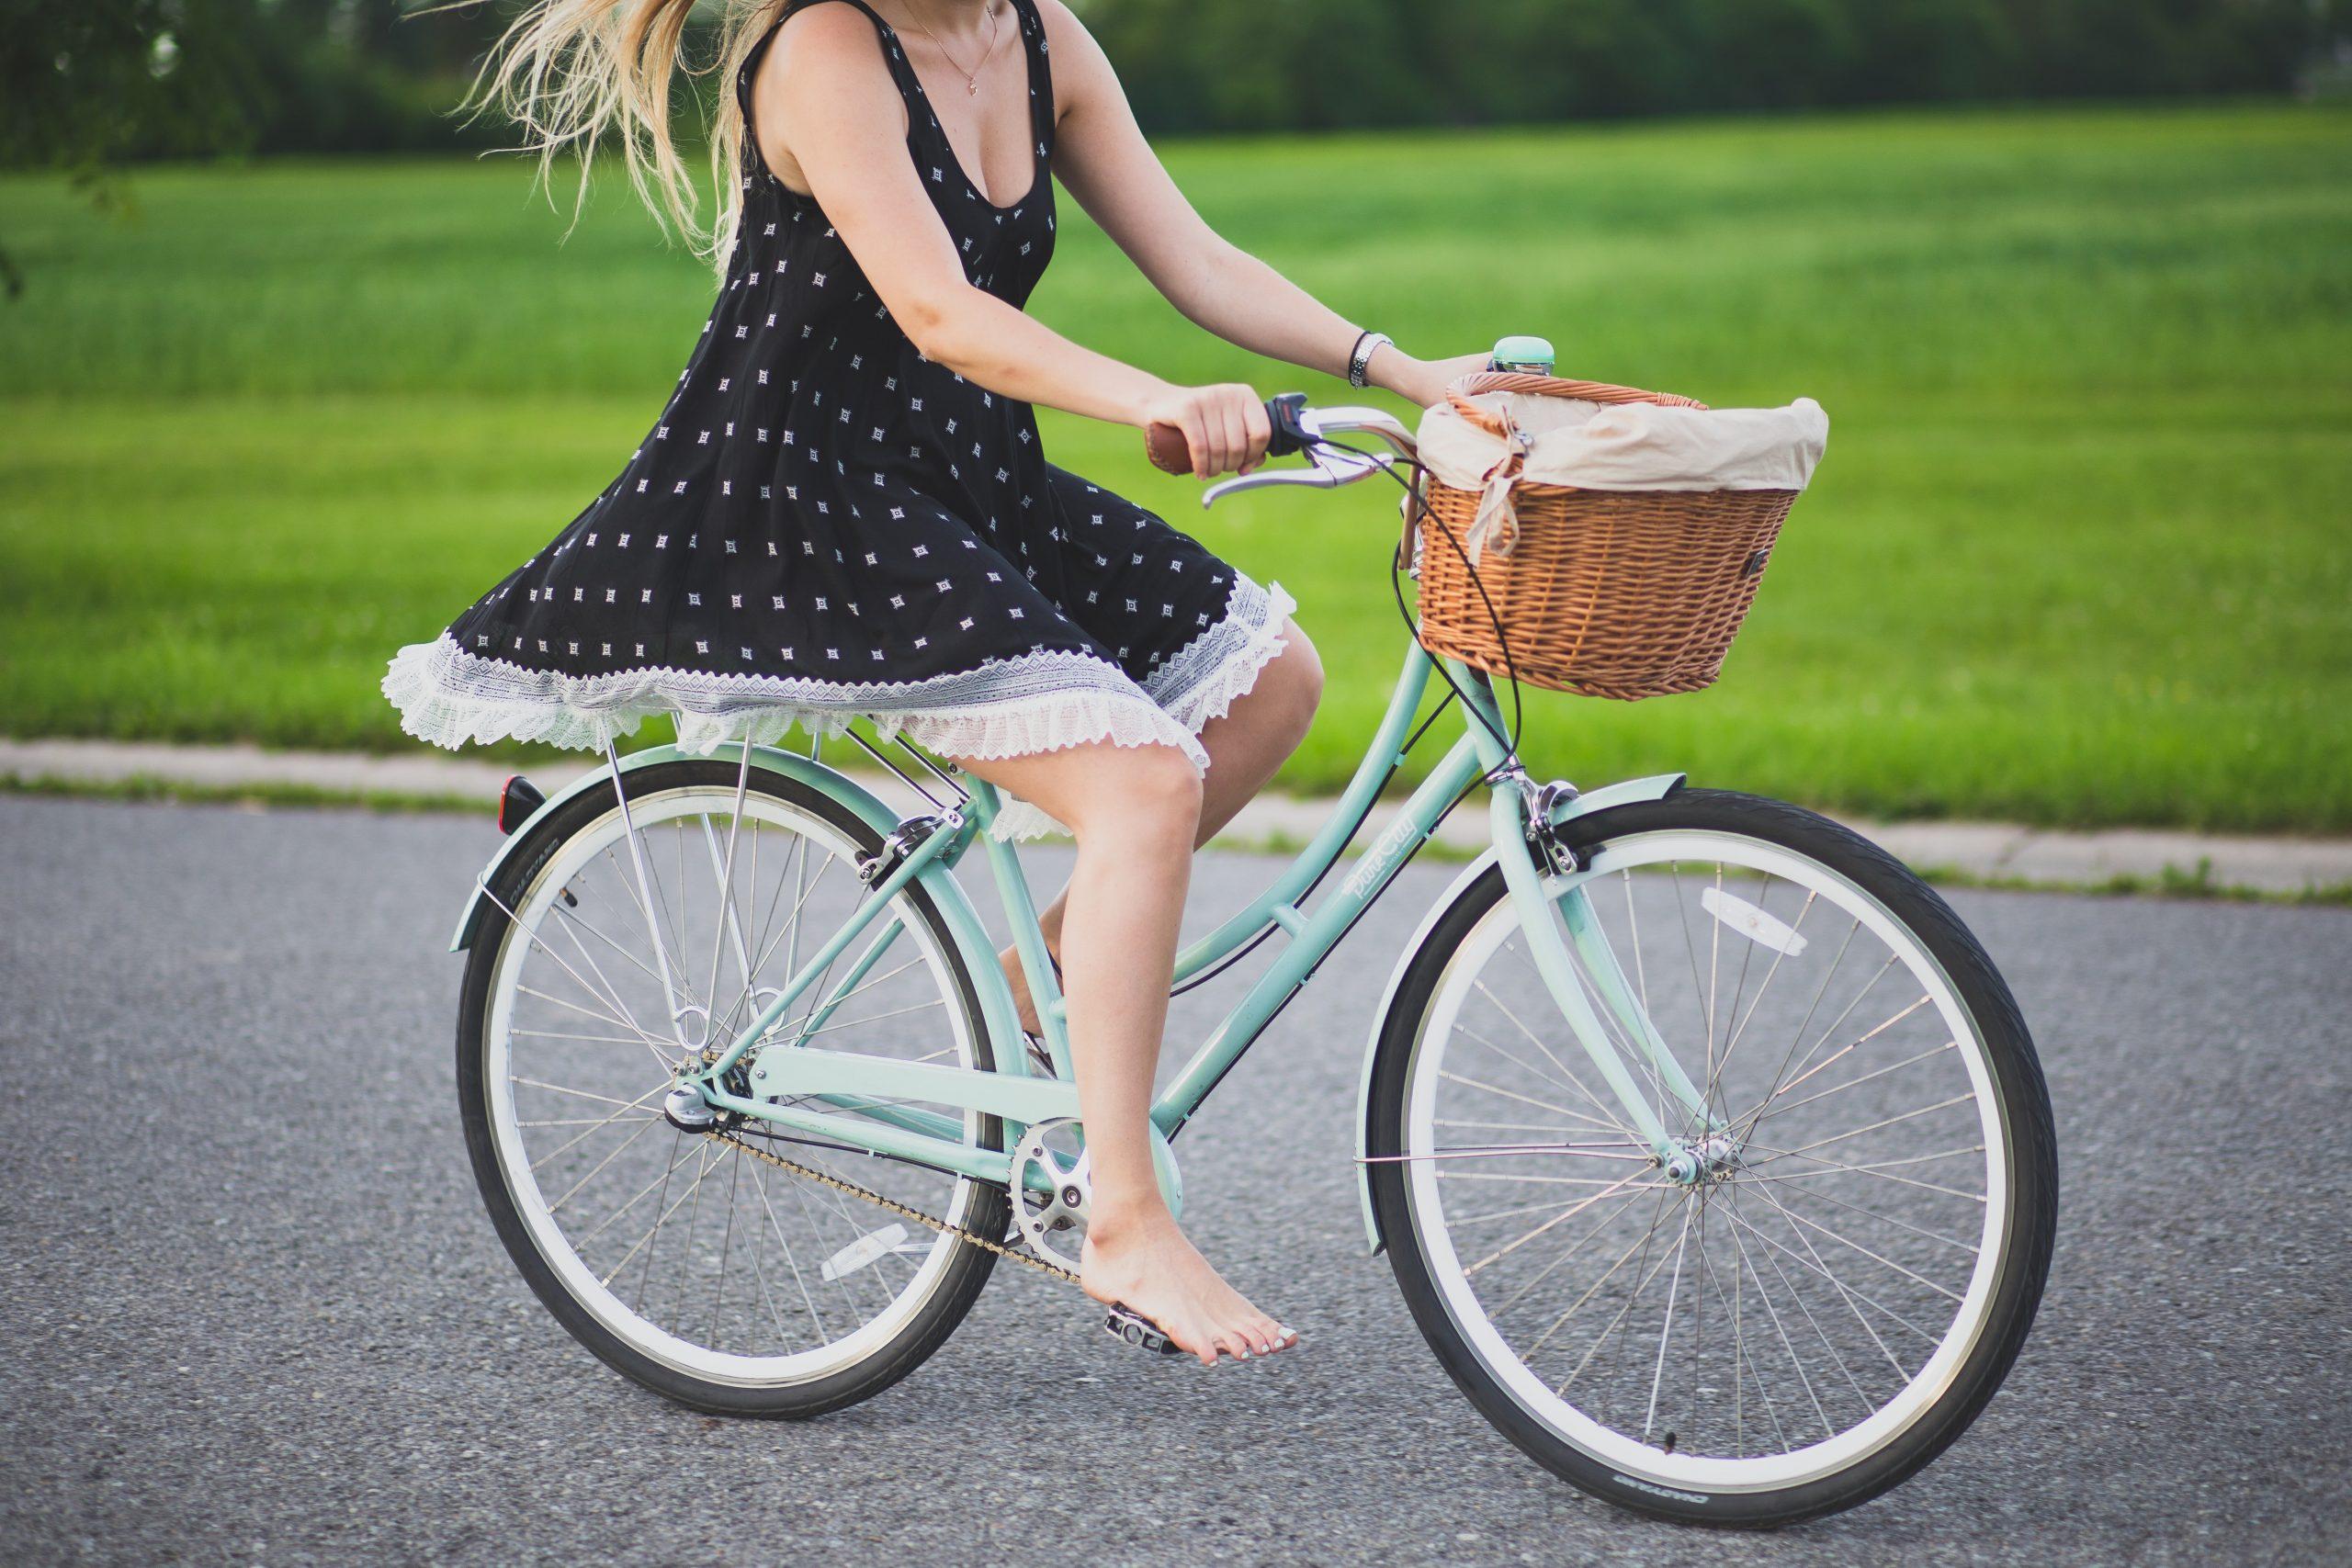 chica andando en bicicleta